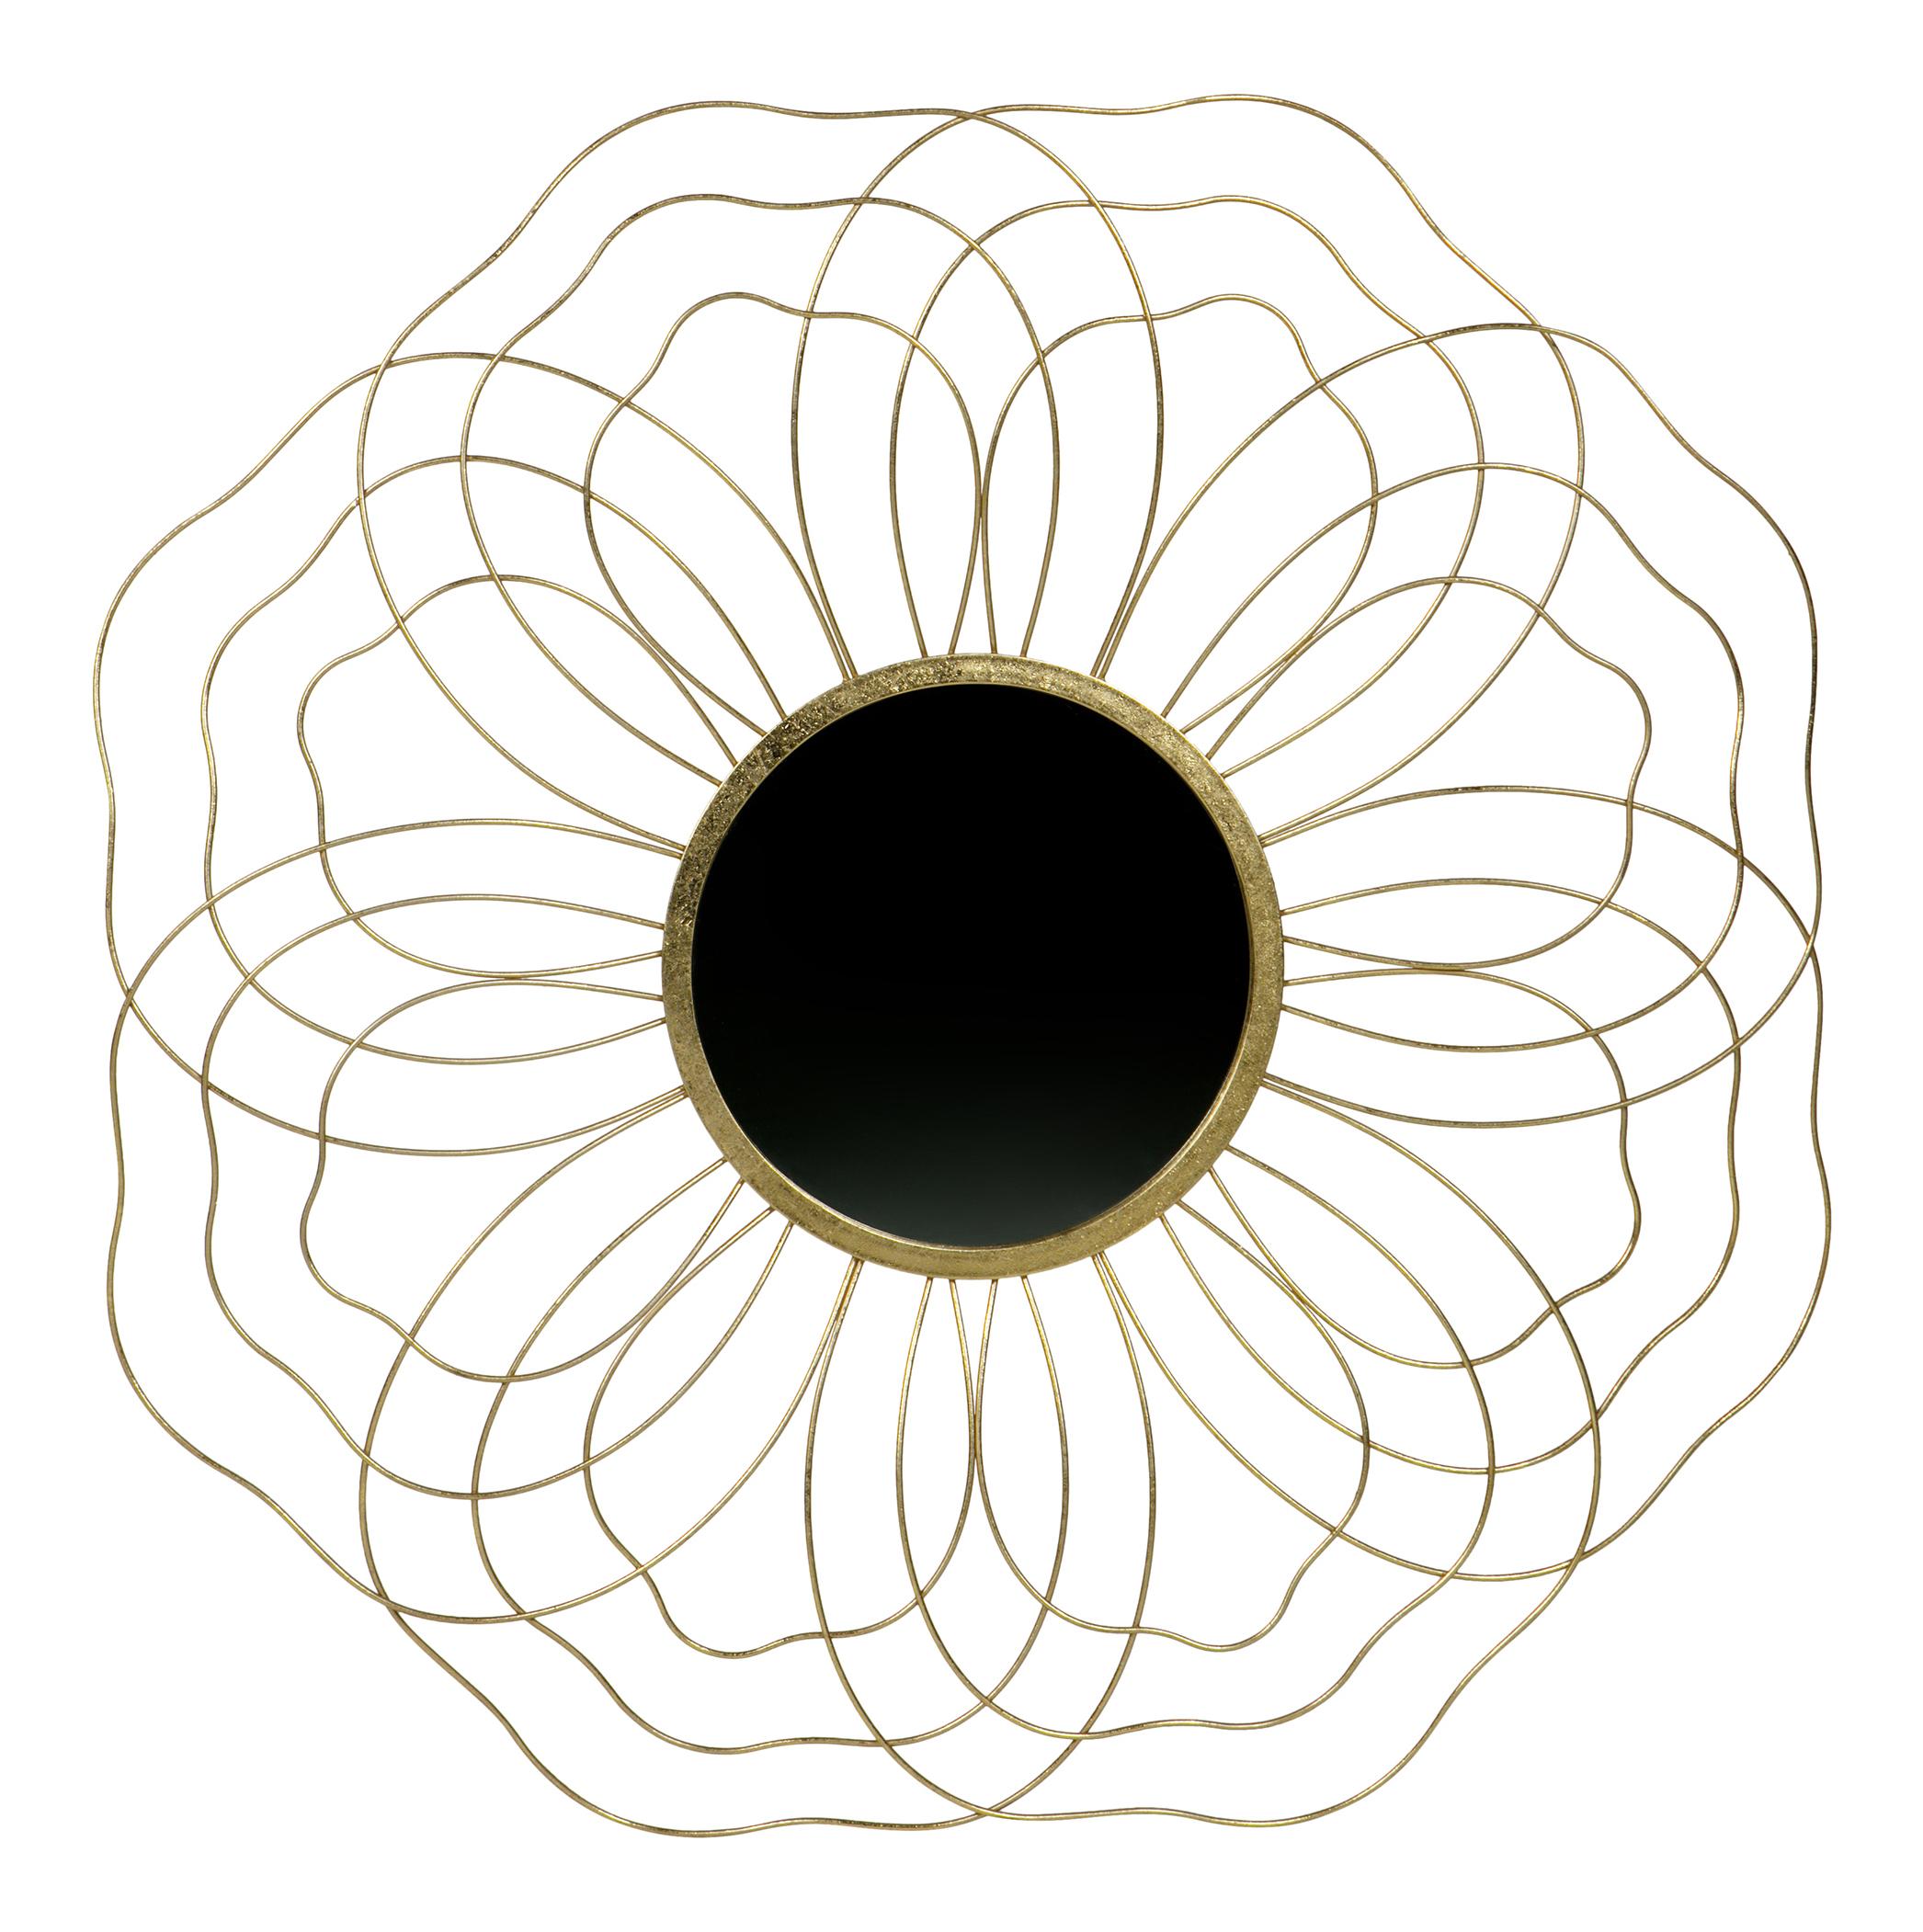 BePureHome Spiegel 'Handsome' 88,5cm, kleur Antique Brass Woonaccessoires | Spiegels kopen